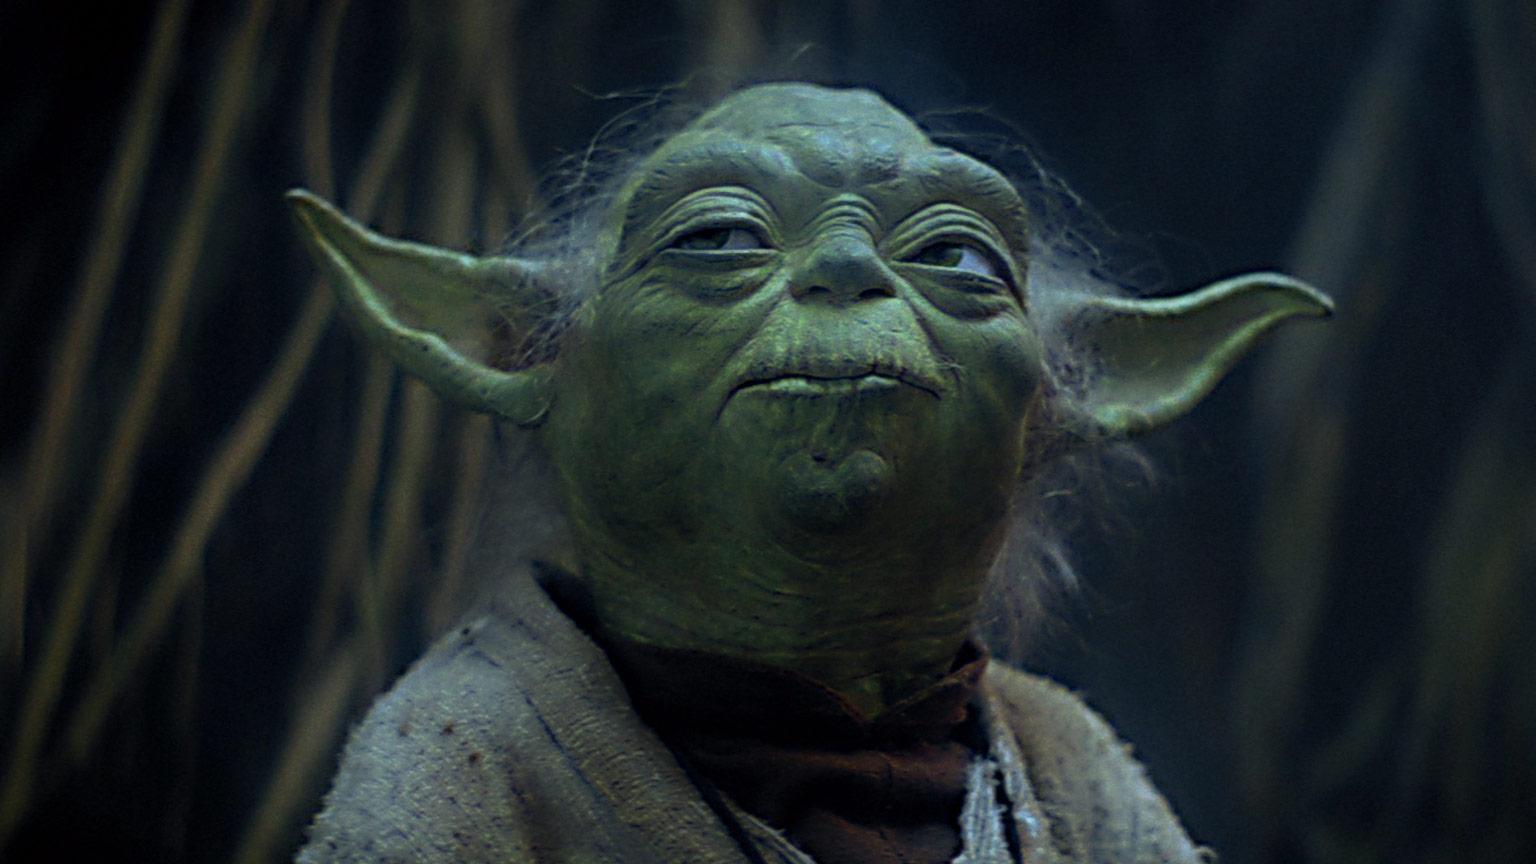 Yoda Avatar